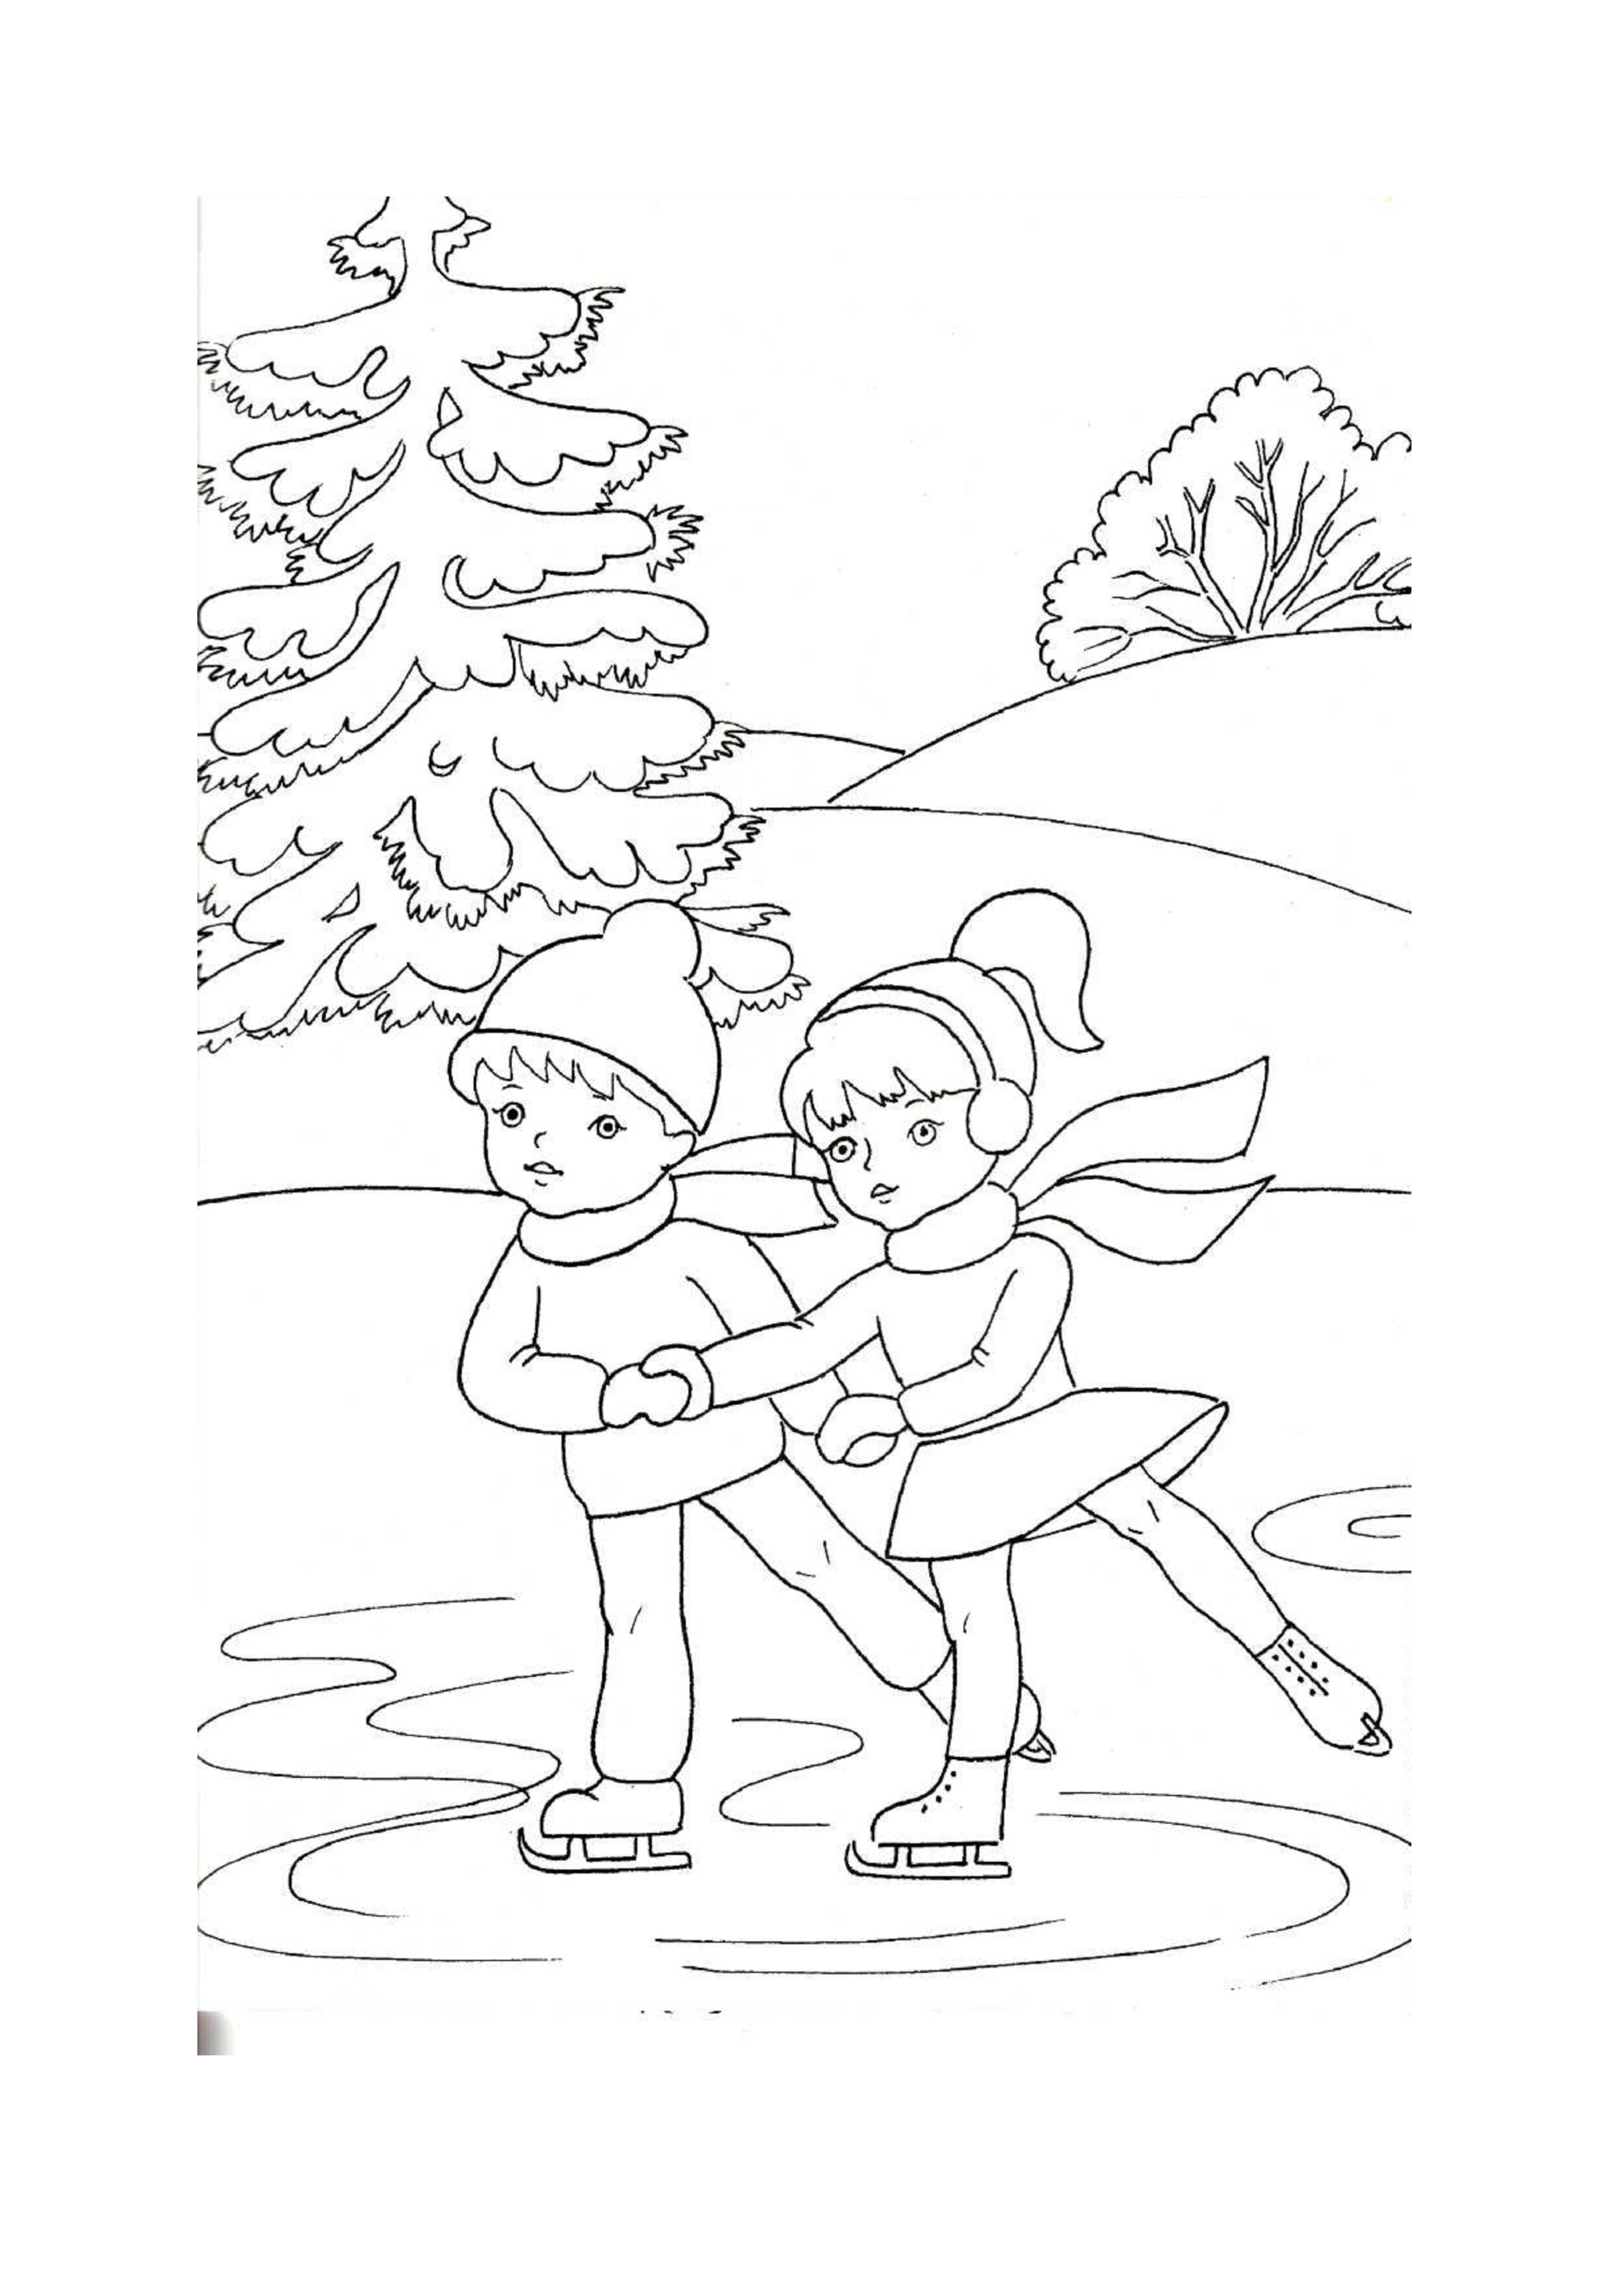 Раскраски дети на коньках для детей